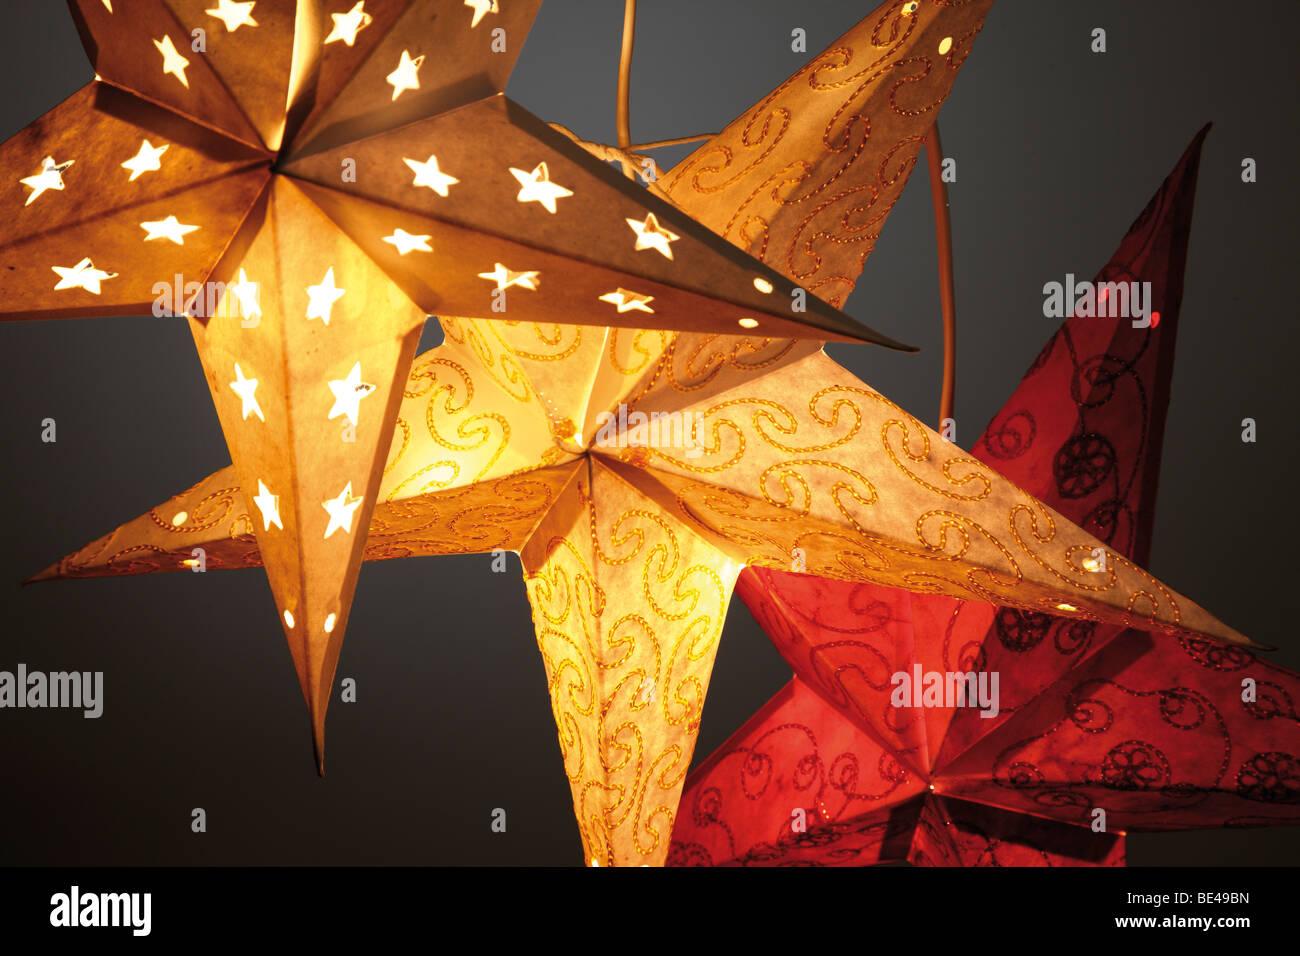 Papiersterne Weihnachtsbeleuchtung.Papiersterne Stockfotos Papiersterne Bilder Alamy